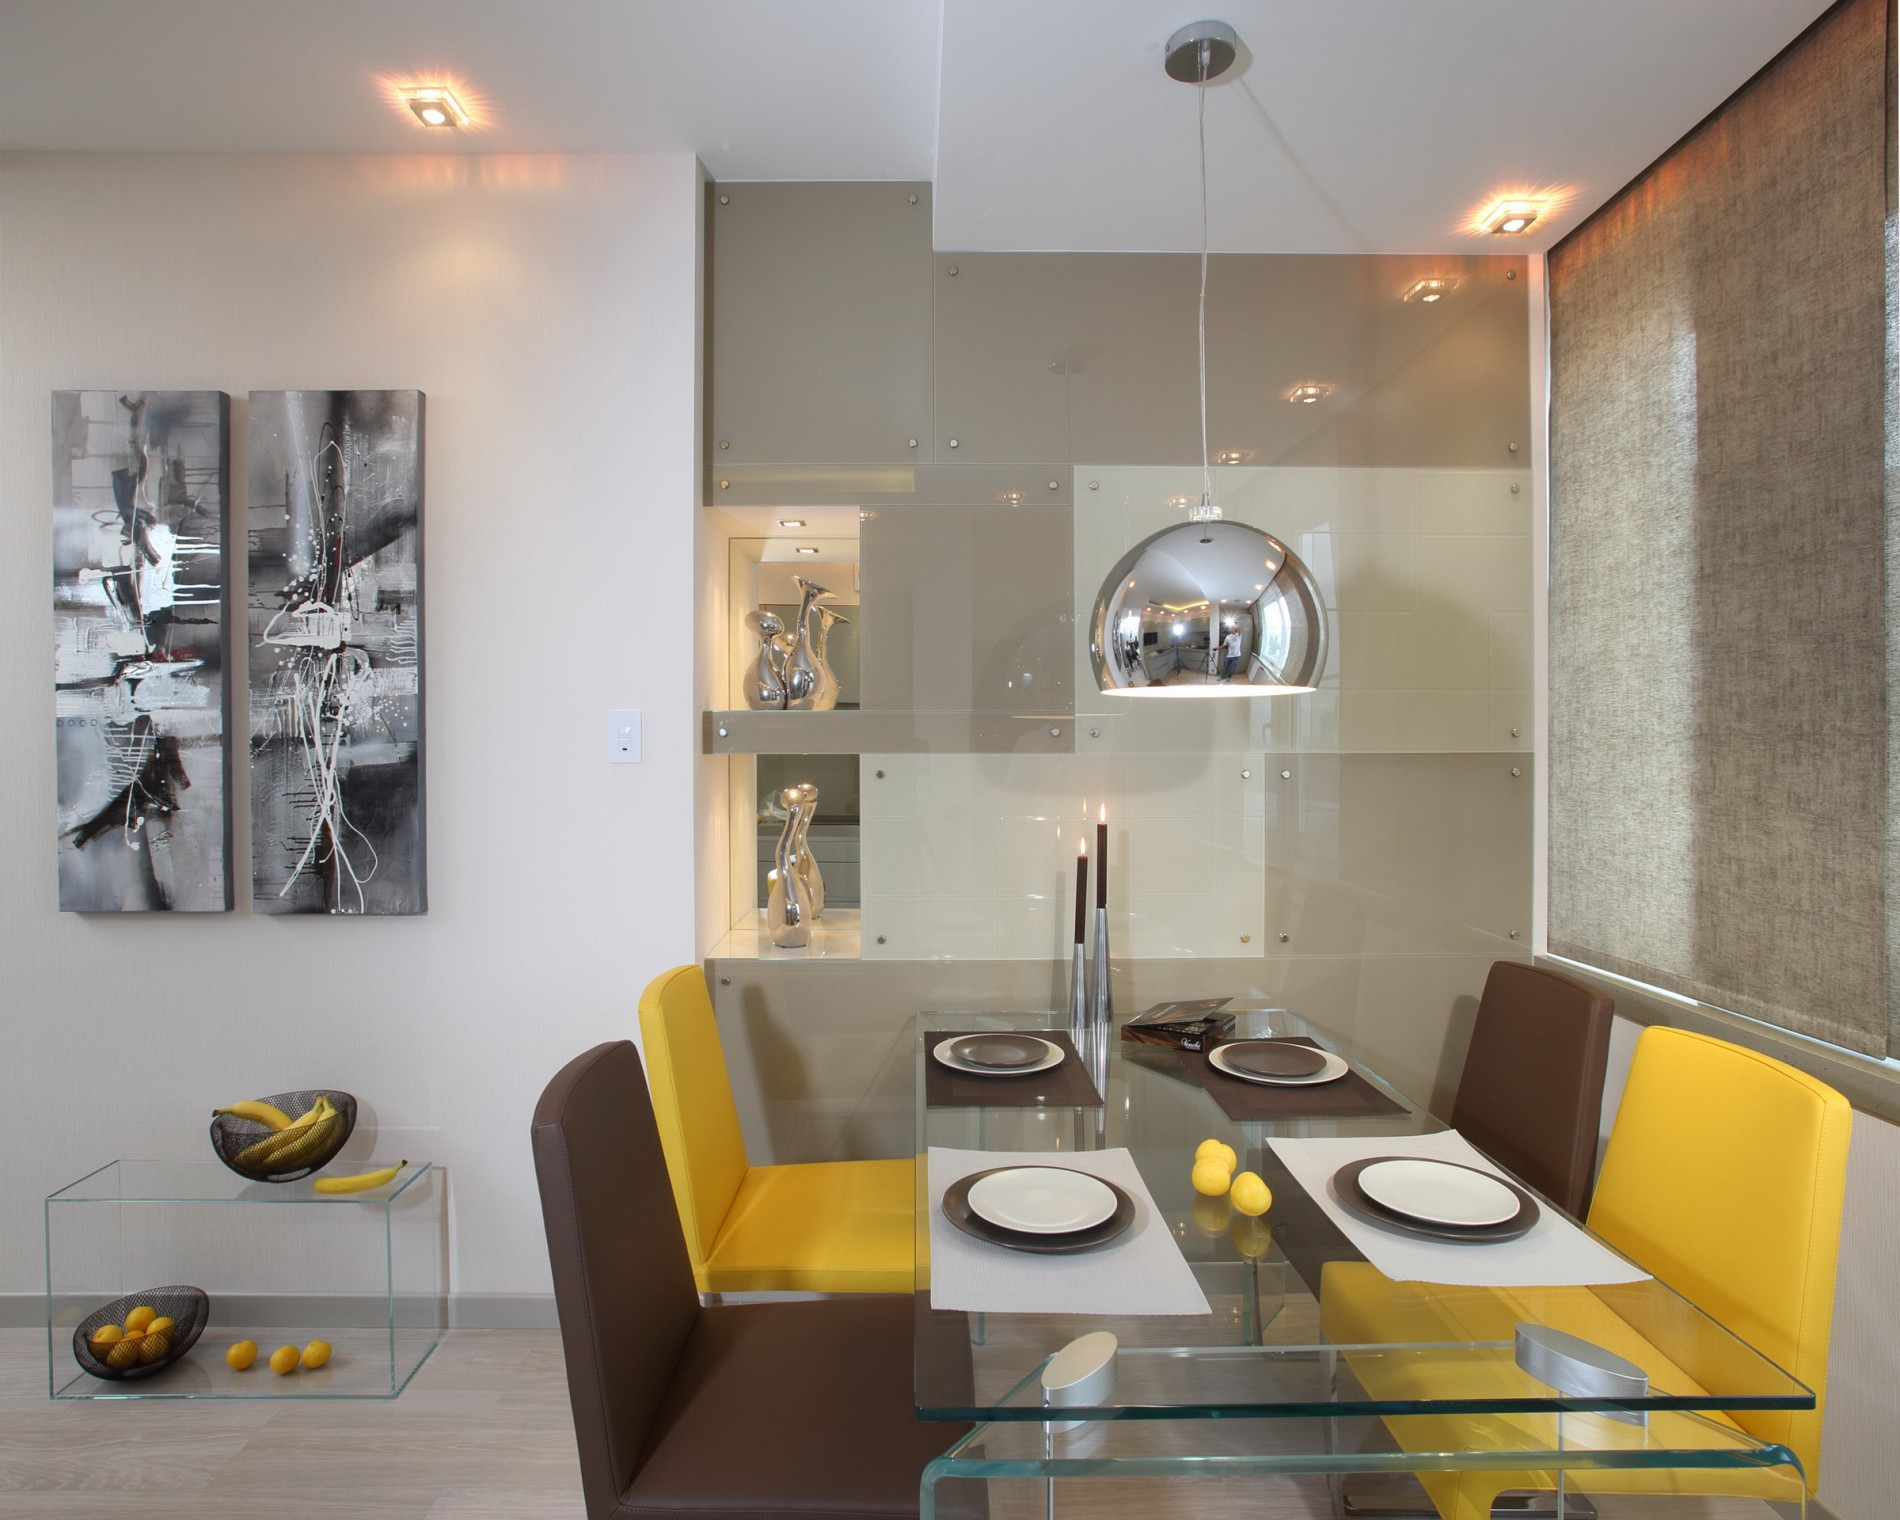 Кухня со стеклянным столом в минимализме